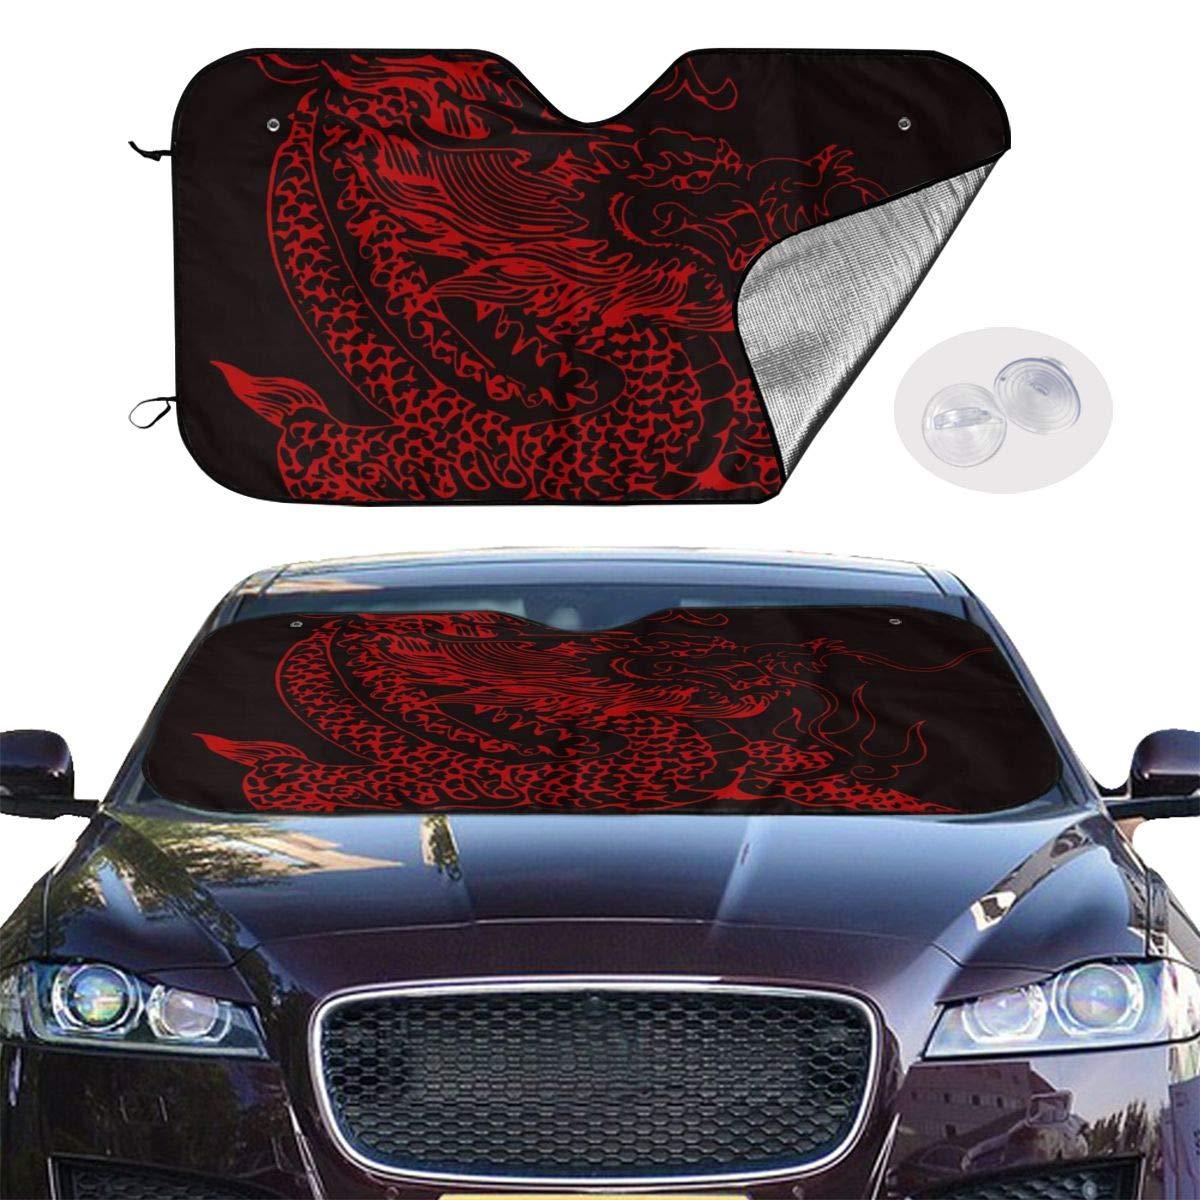 antirayos UV Parasol Plegable para Coche Furgonetas SUV Camiones antideslumbrante LDDDP Parasol para Parabrisas con dise/ño de drag/ón Rojo Chino